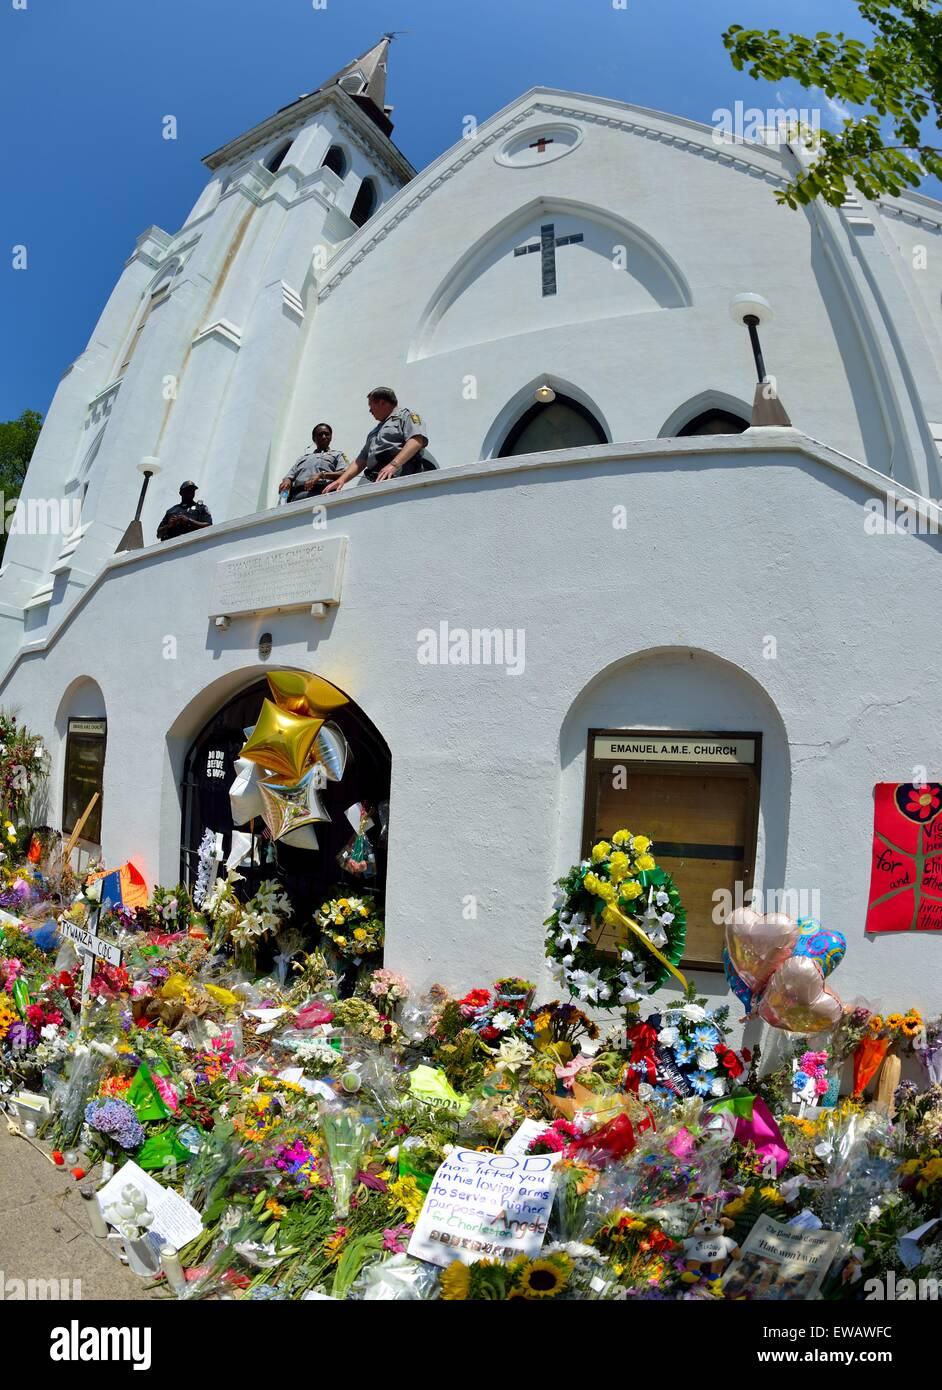 Fiori, segni e altri omaggi a nove vittime di una violenta rampage davanti alla chiesa AME in Charleston, Sc. Immagini Stock